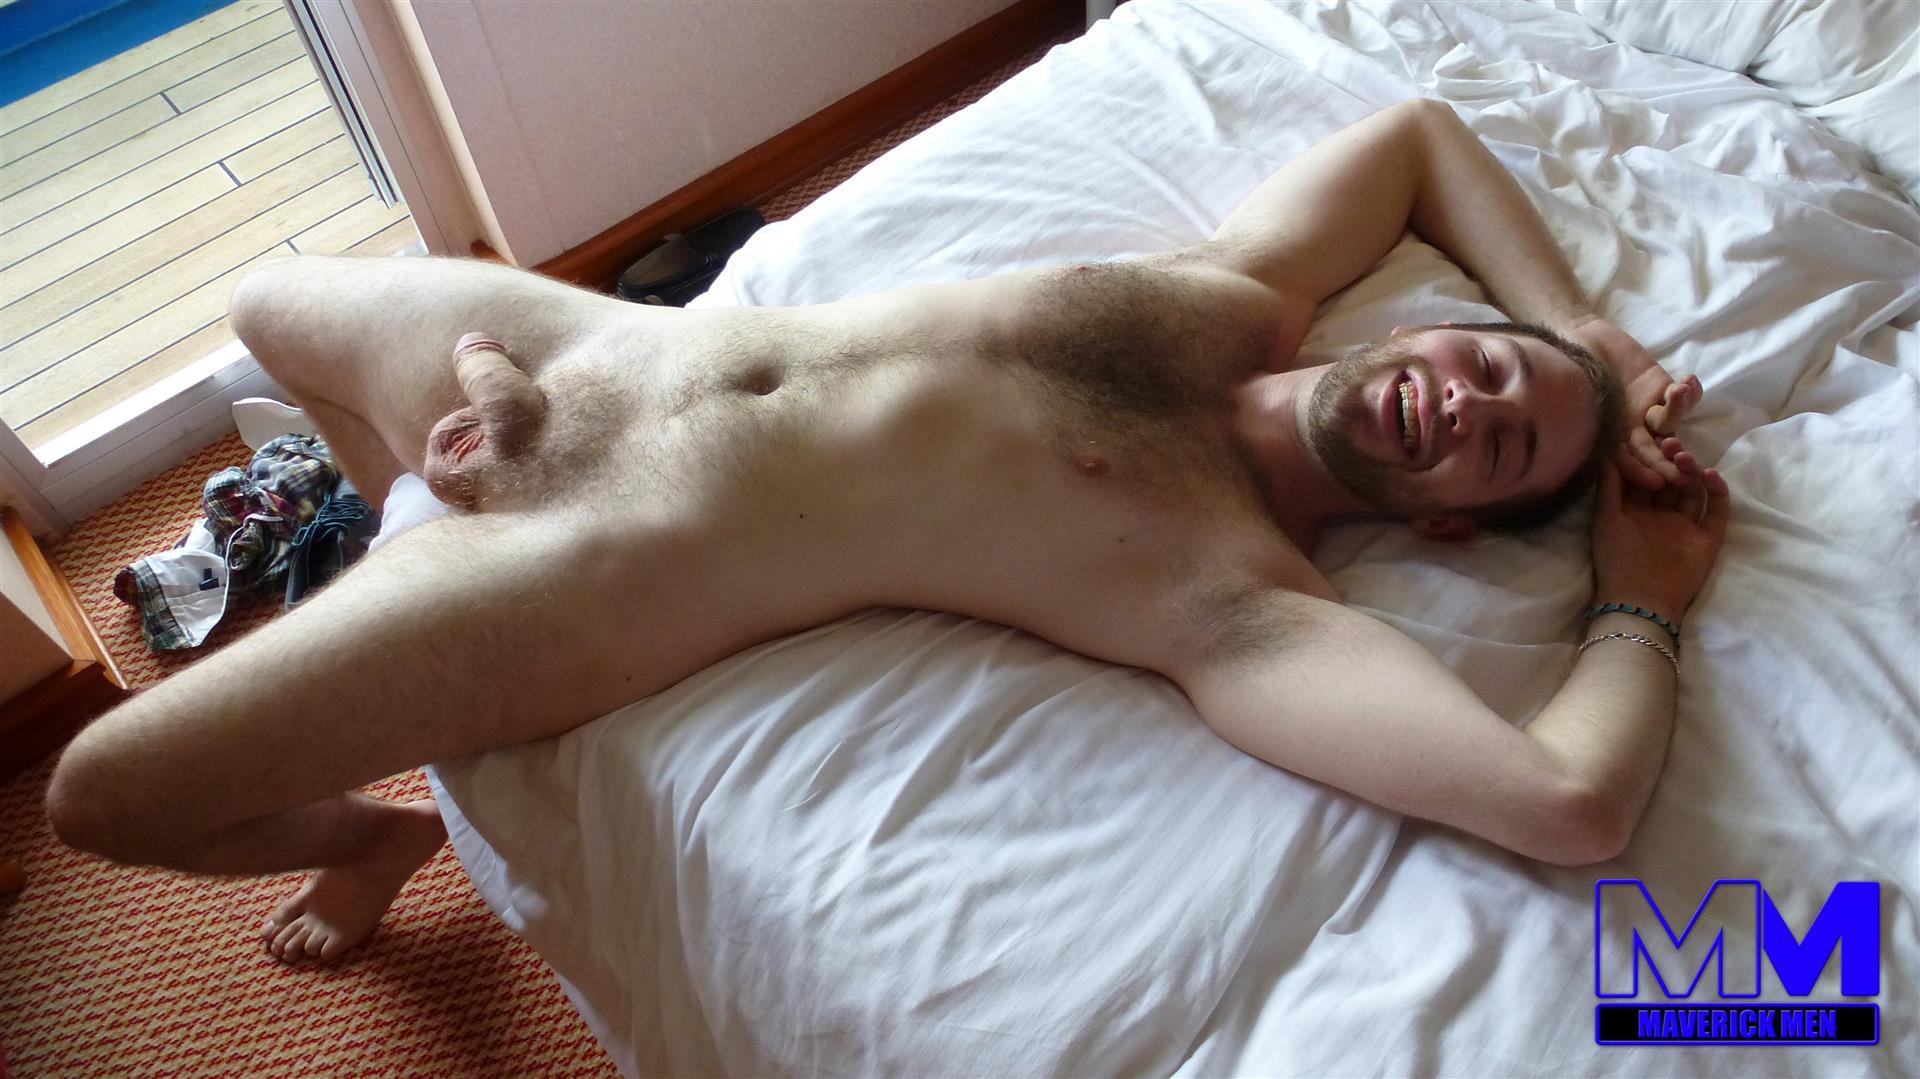 Maverick-Men-Oakley-Returns-Hairy-Ass-Bareback-Sex-Pictures-6 Maverick Men: Juicy Hairy Ass Oakley Returns For Some Raw Fucking